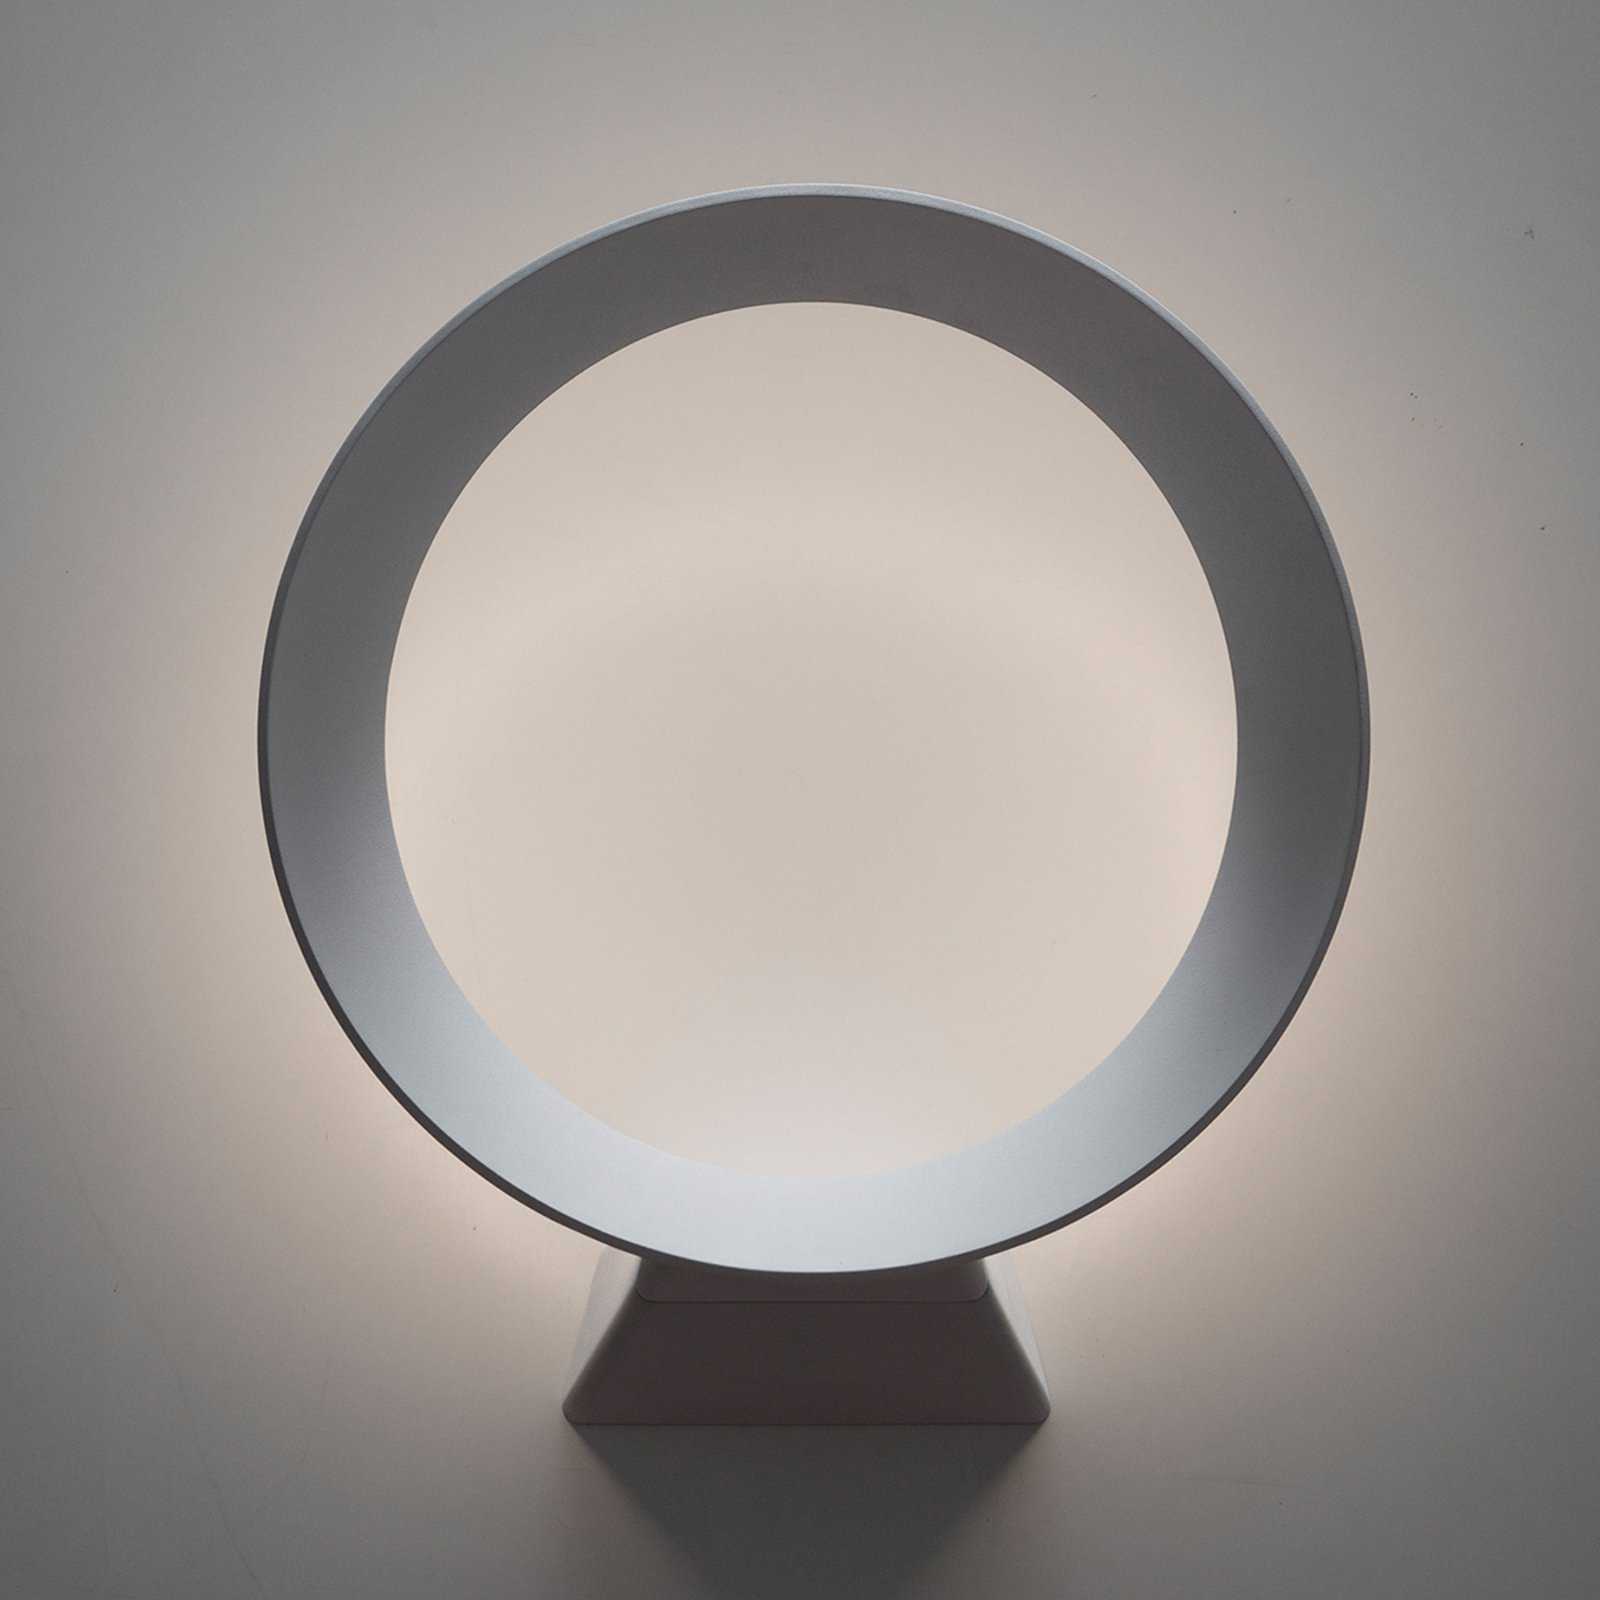 Martinelli Luce LED+O vegglampe 18,6 W, 2 700 K